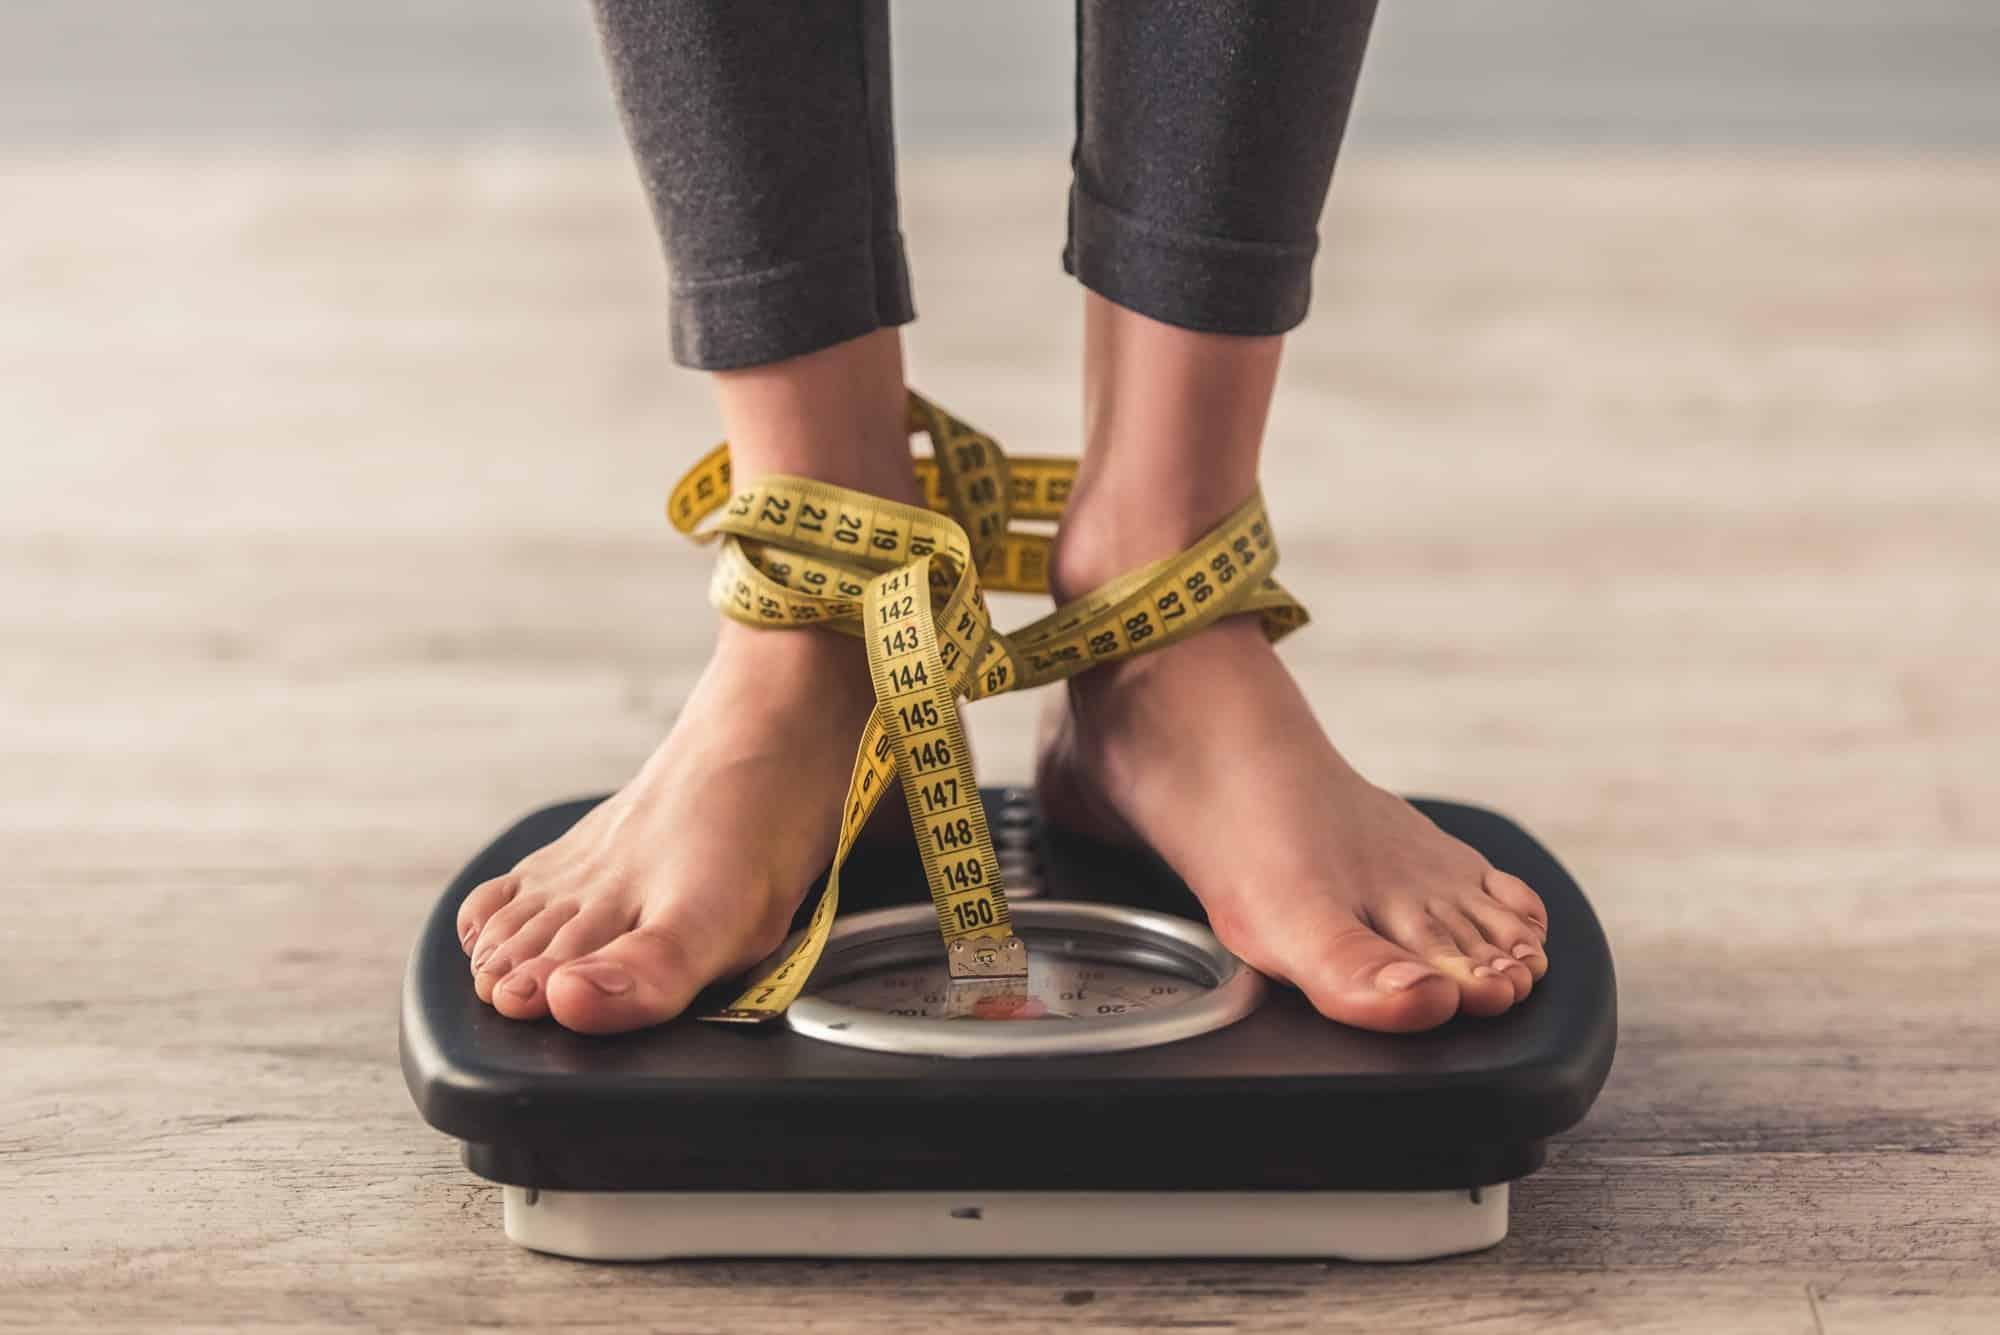 Crise de boulimie